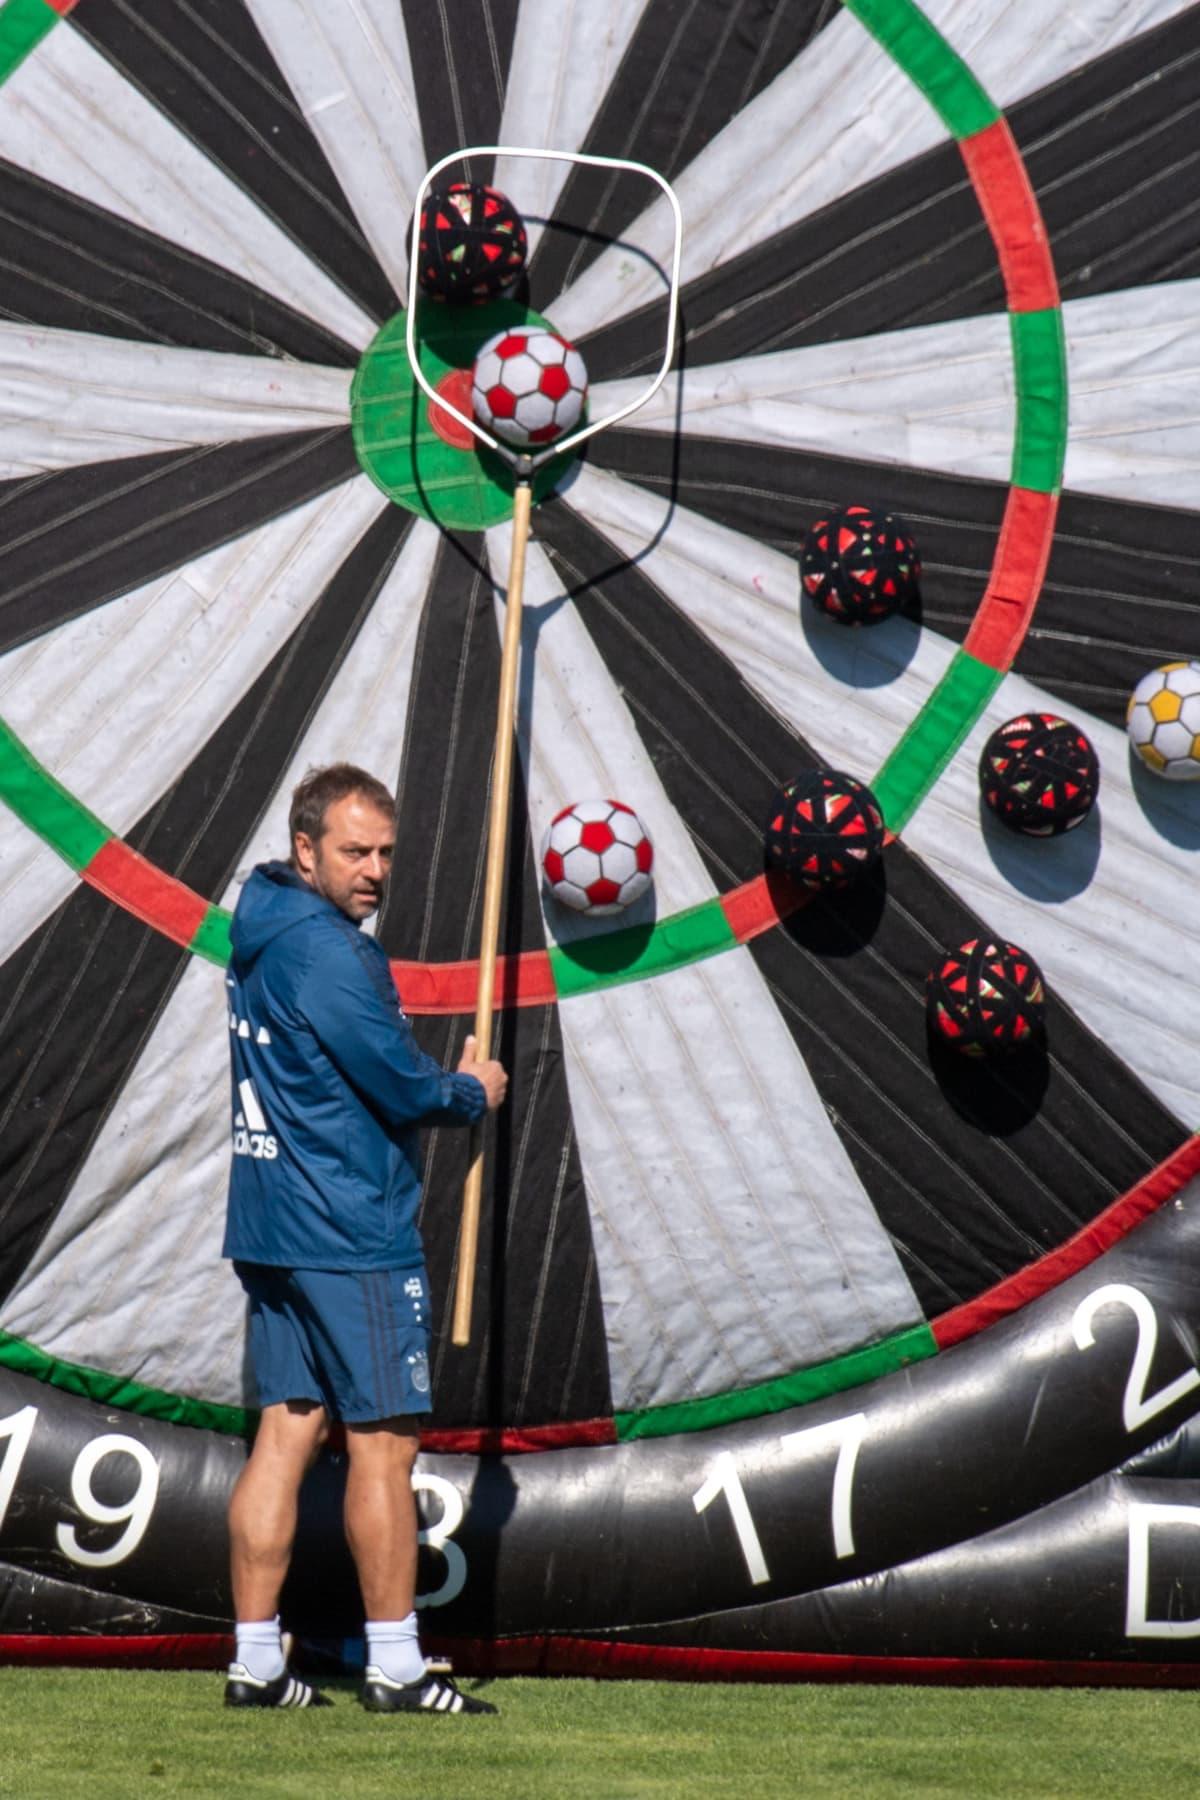 Päävalmentaja Hansi Flick Bayern München tyhjää tikkataulua koronan aikana